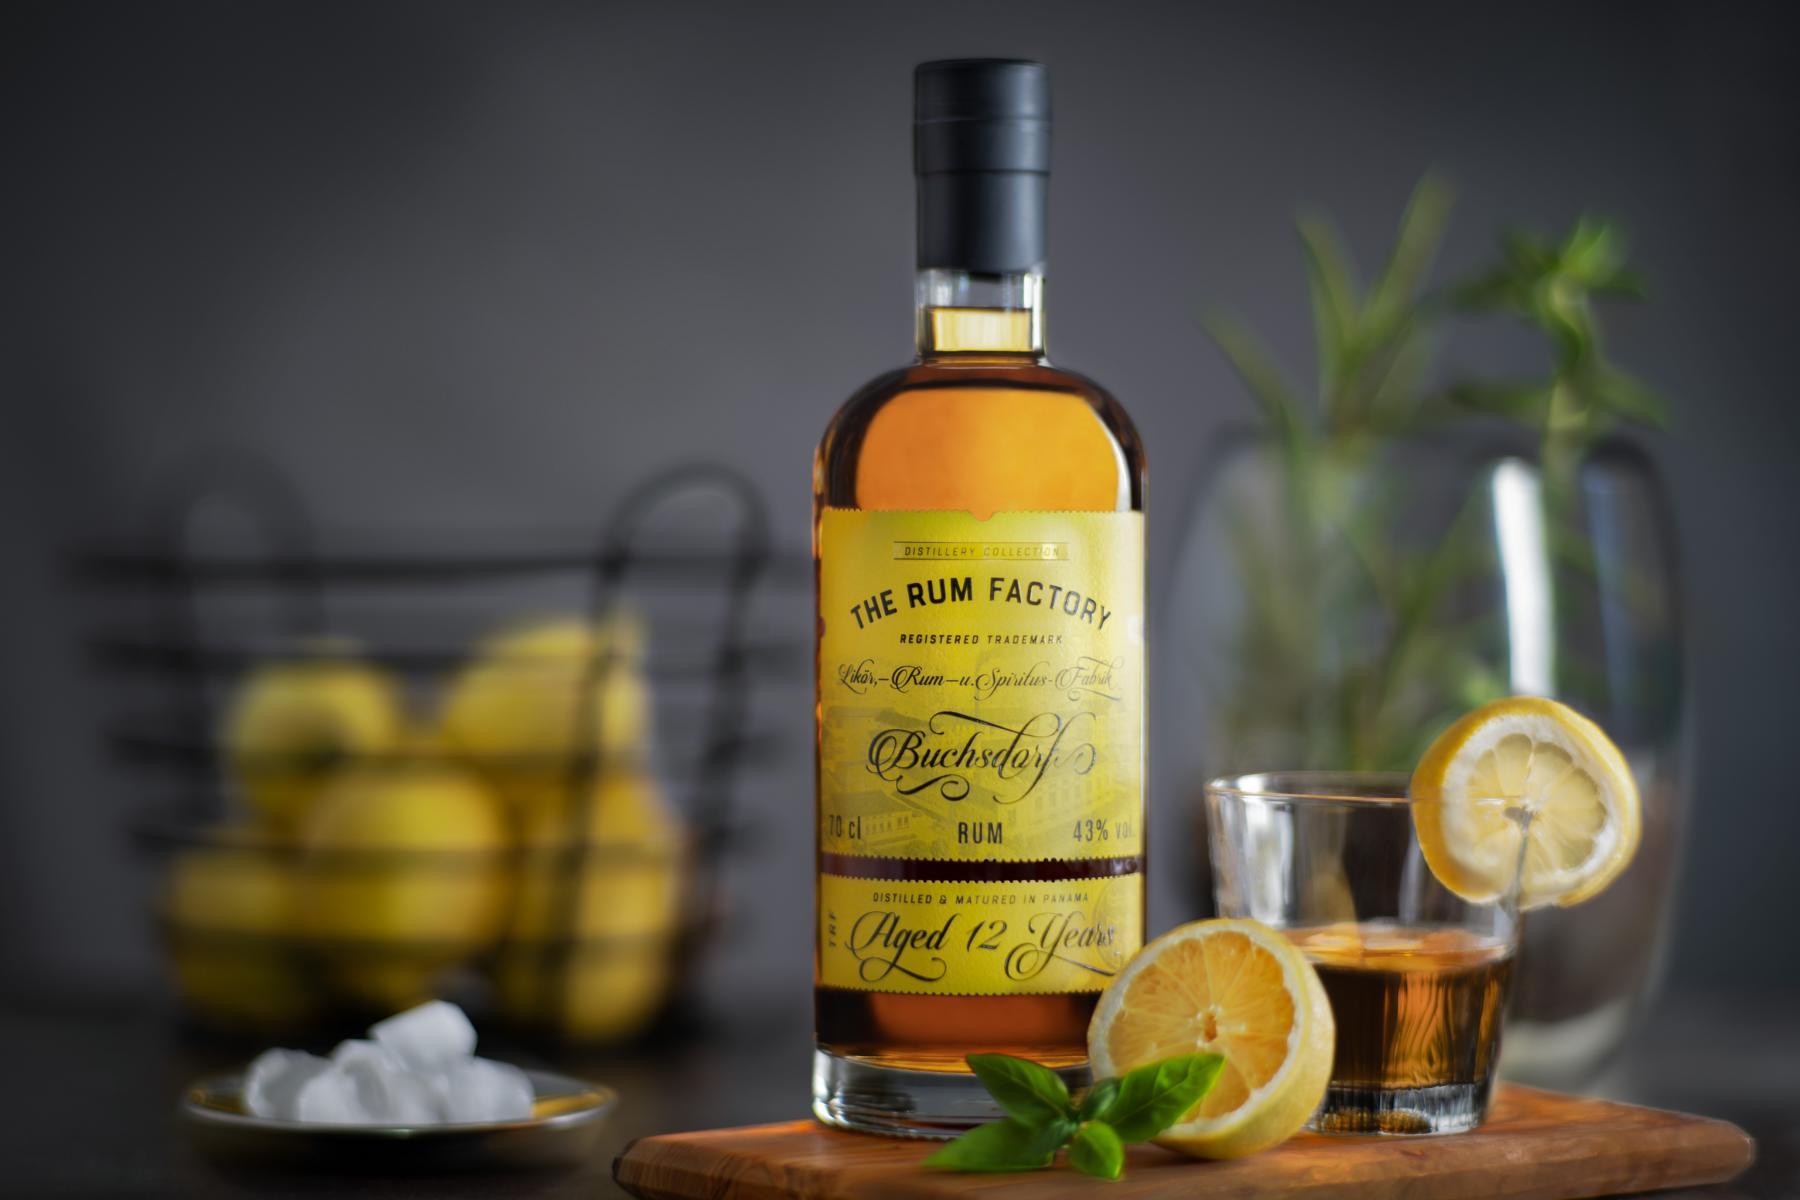 The Rum Factory Bild